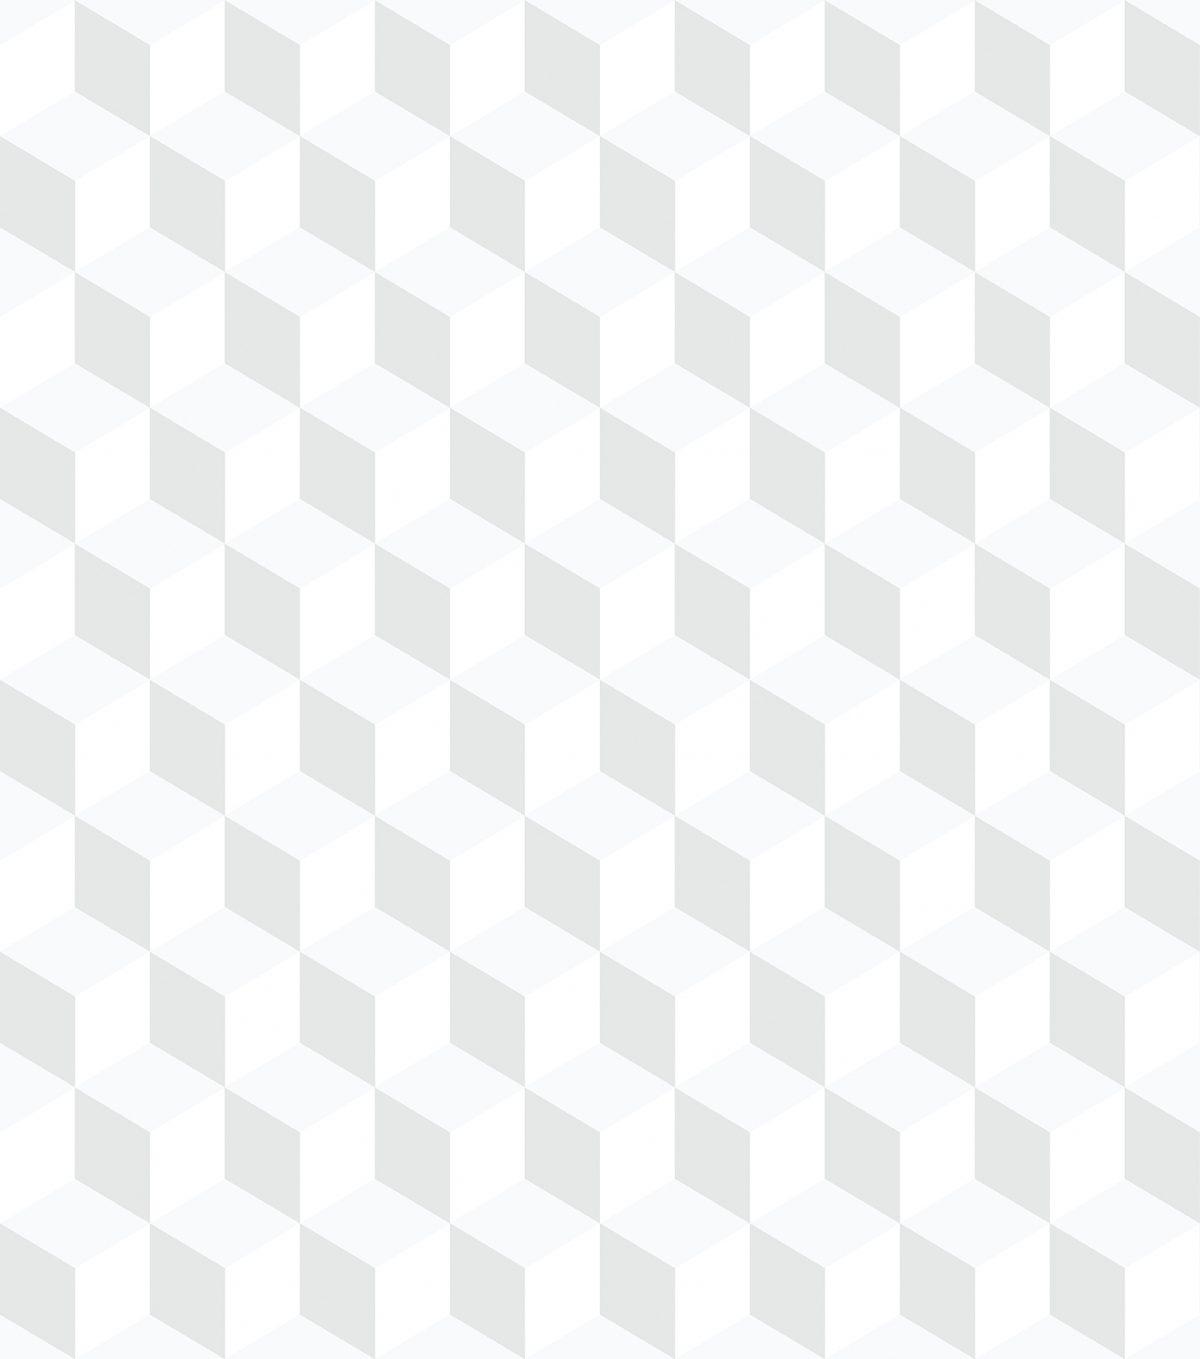 Papel de parede cubos geométricos